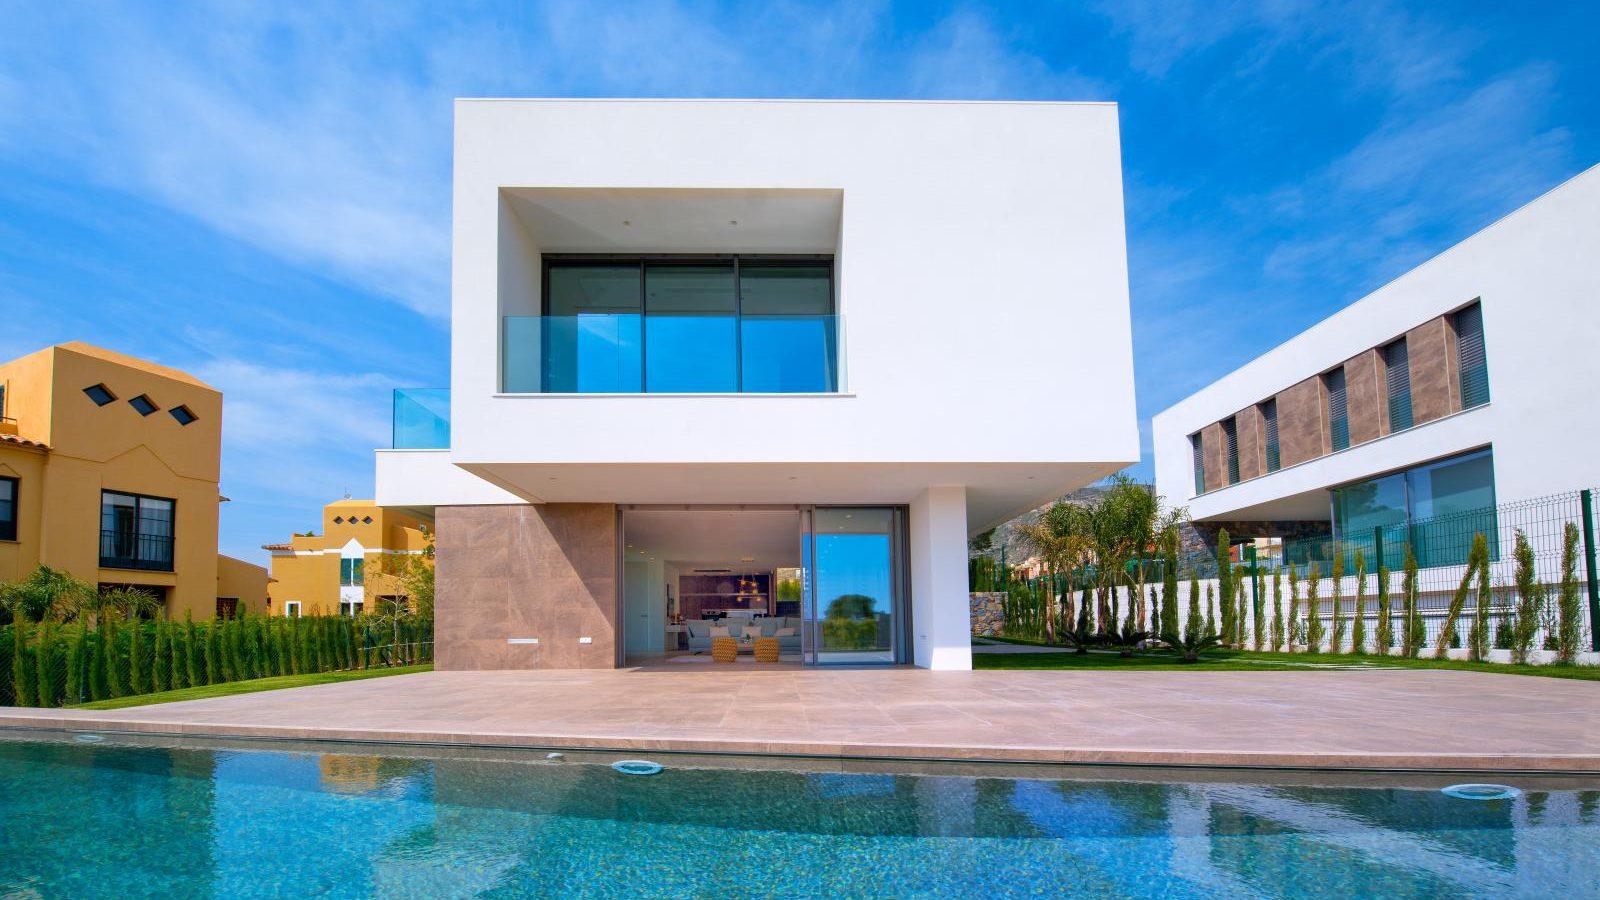 1. Brand new villa in Finestrat Alicante e1495018324819 - Fantastic Brand New Villa in Finestrat, Alicante